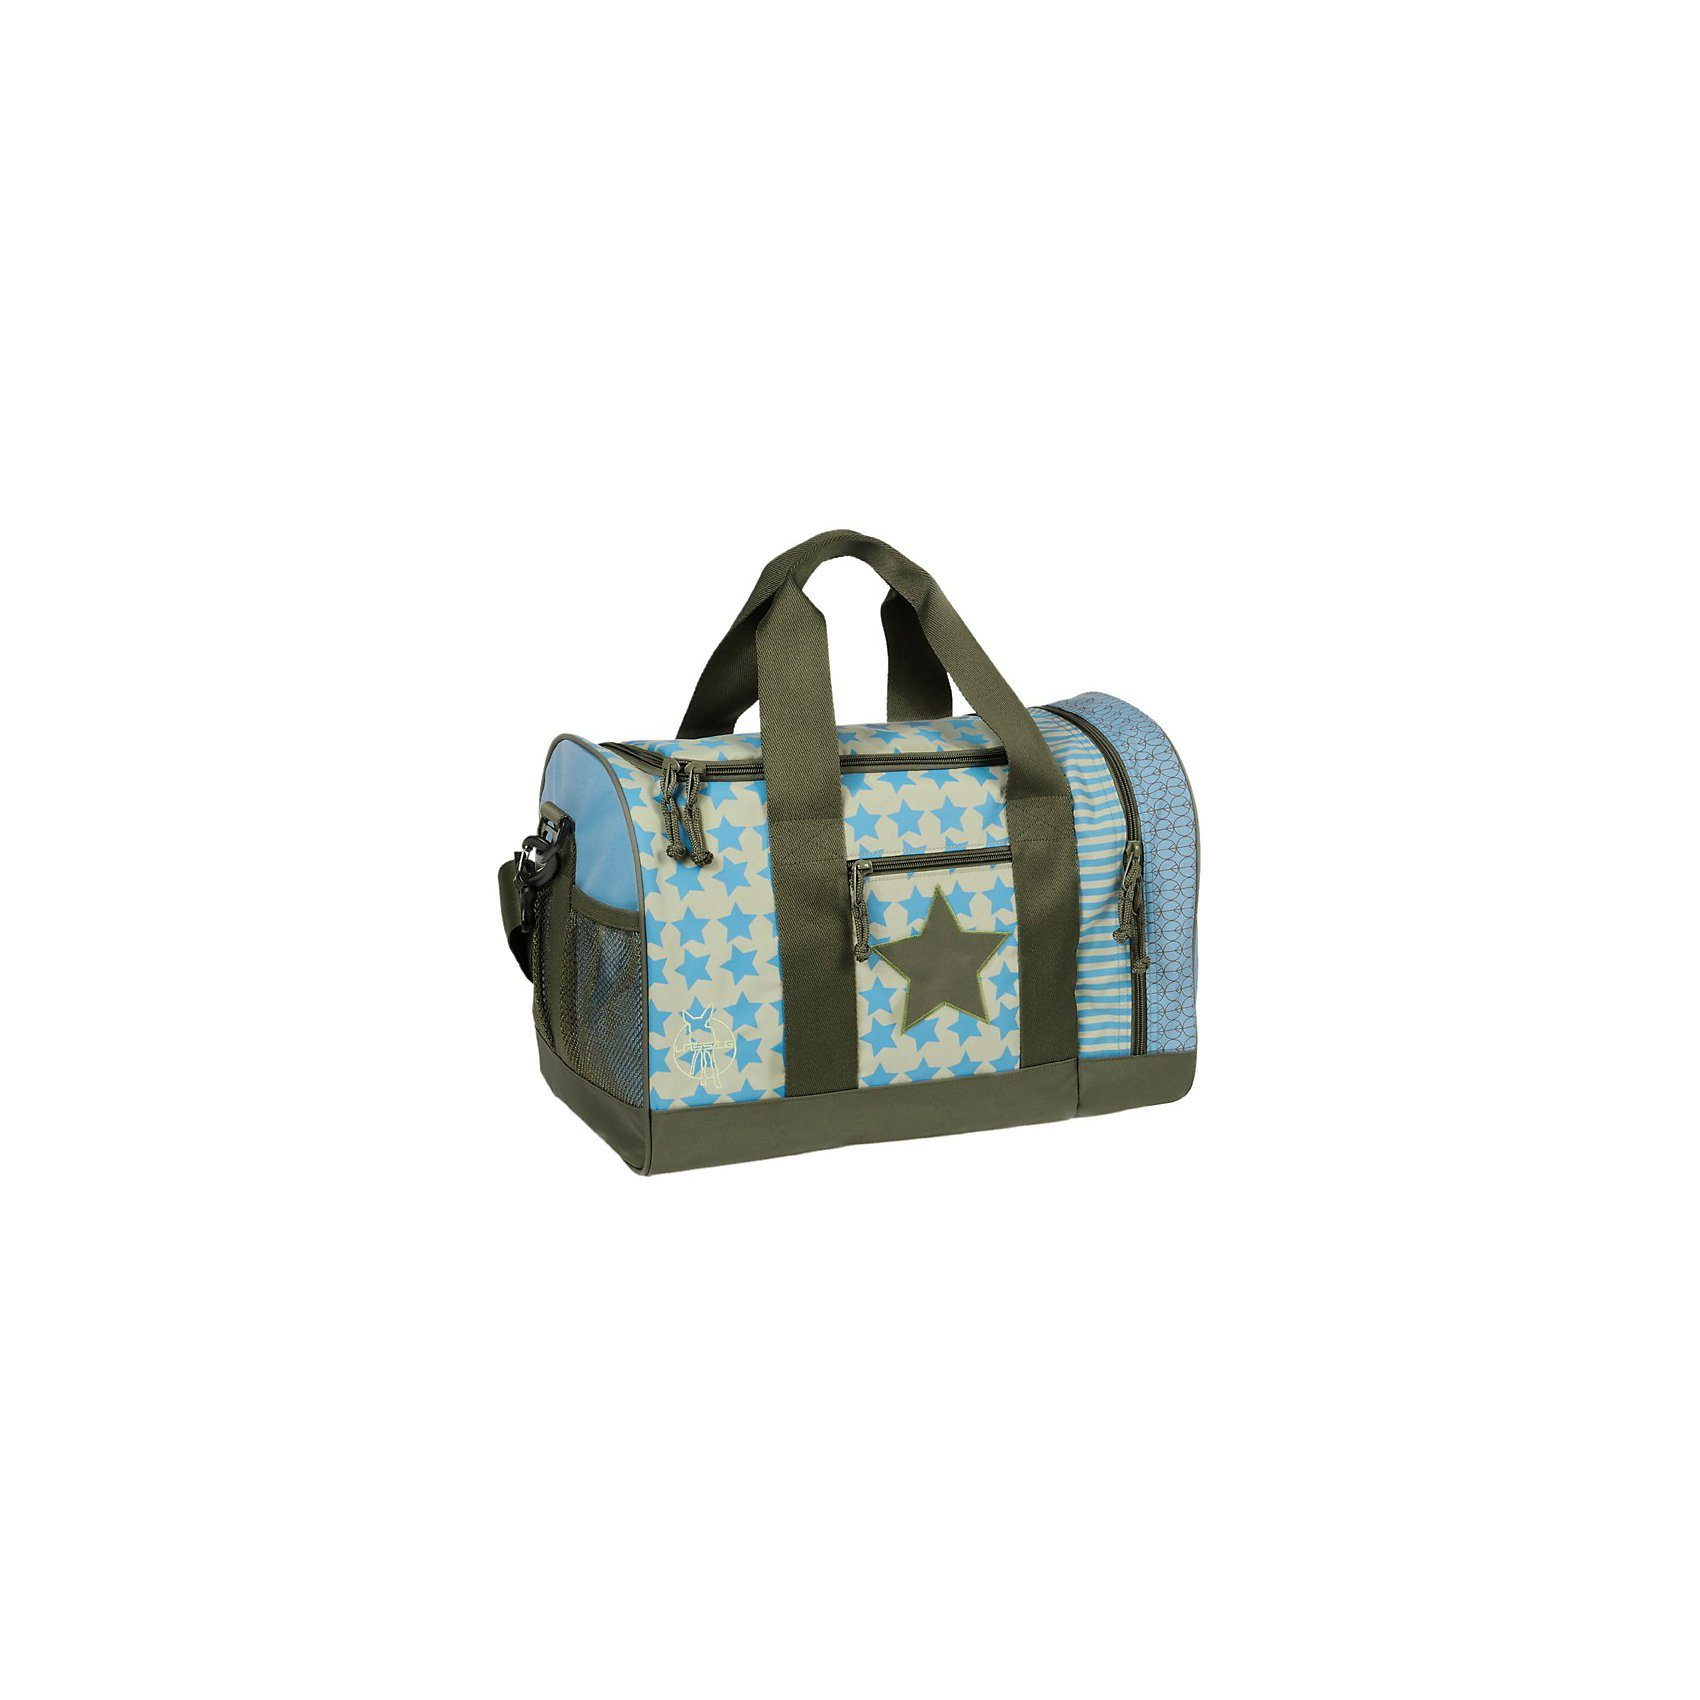 Lässig Kinder Sporttasche 4kids, Starlight oliv